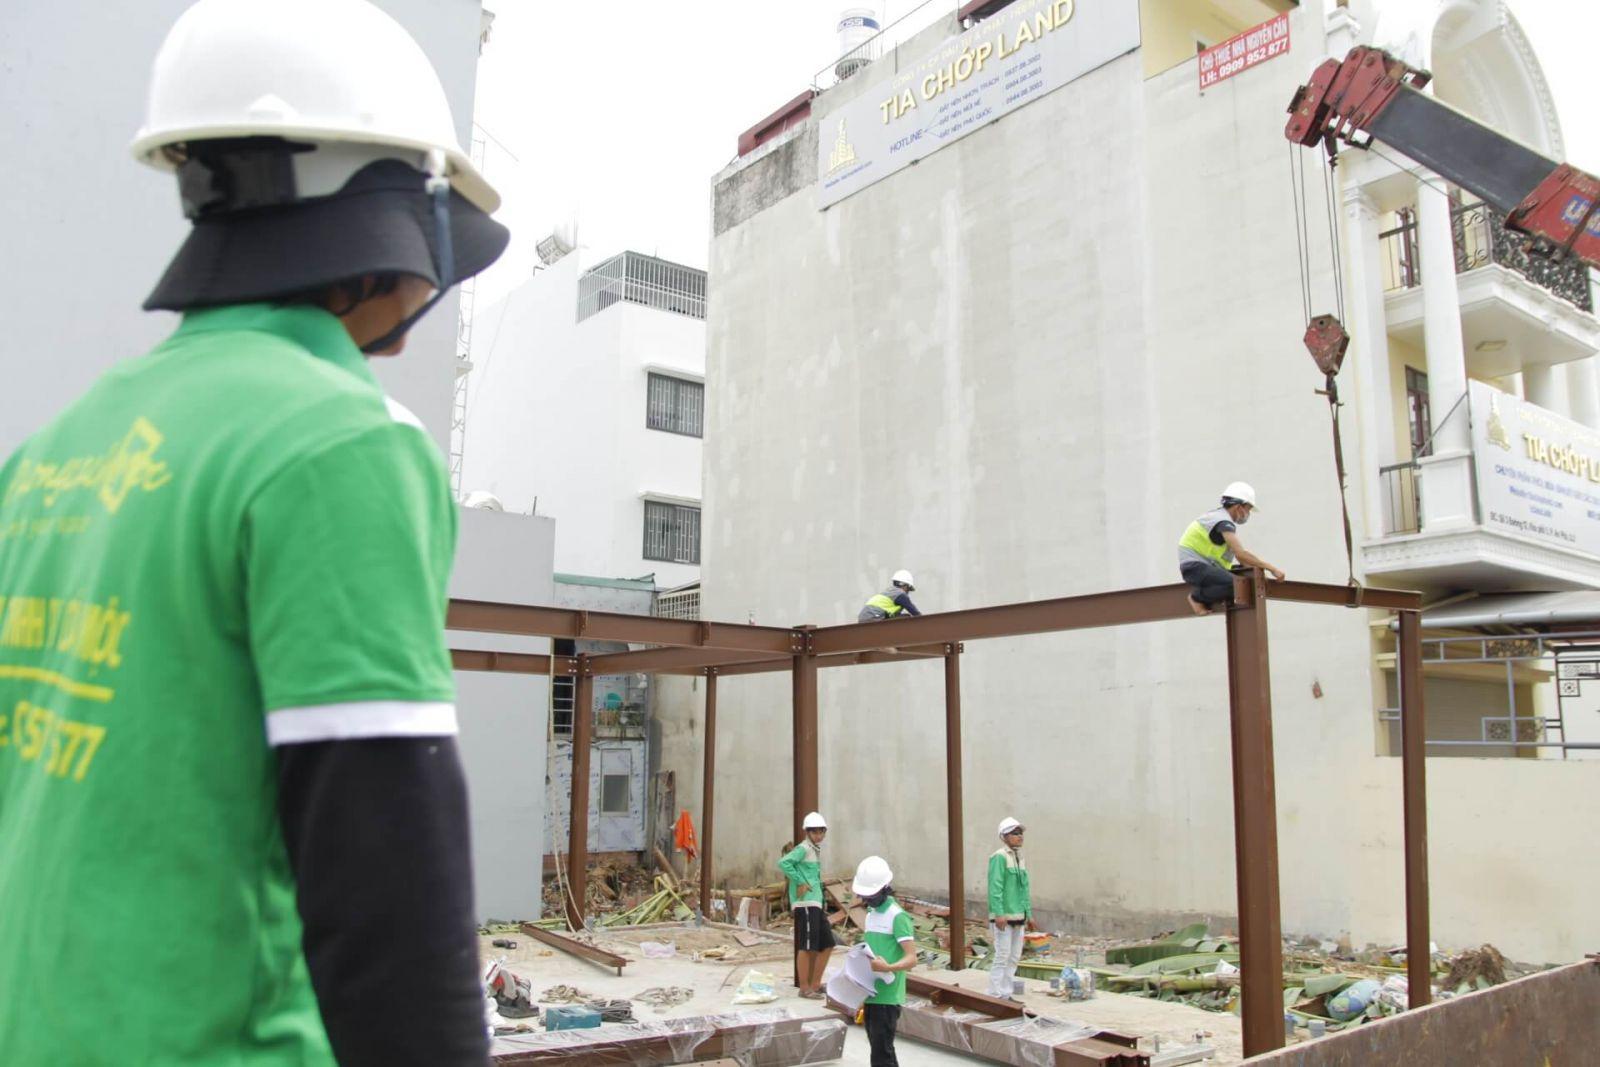 qua-trinh-thi-cong-van-phong-pcm-workshop-10